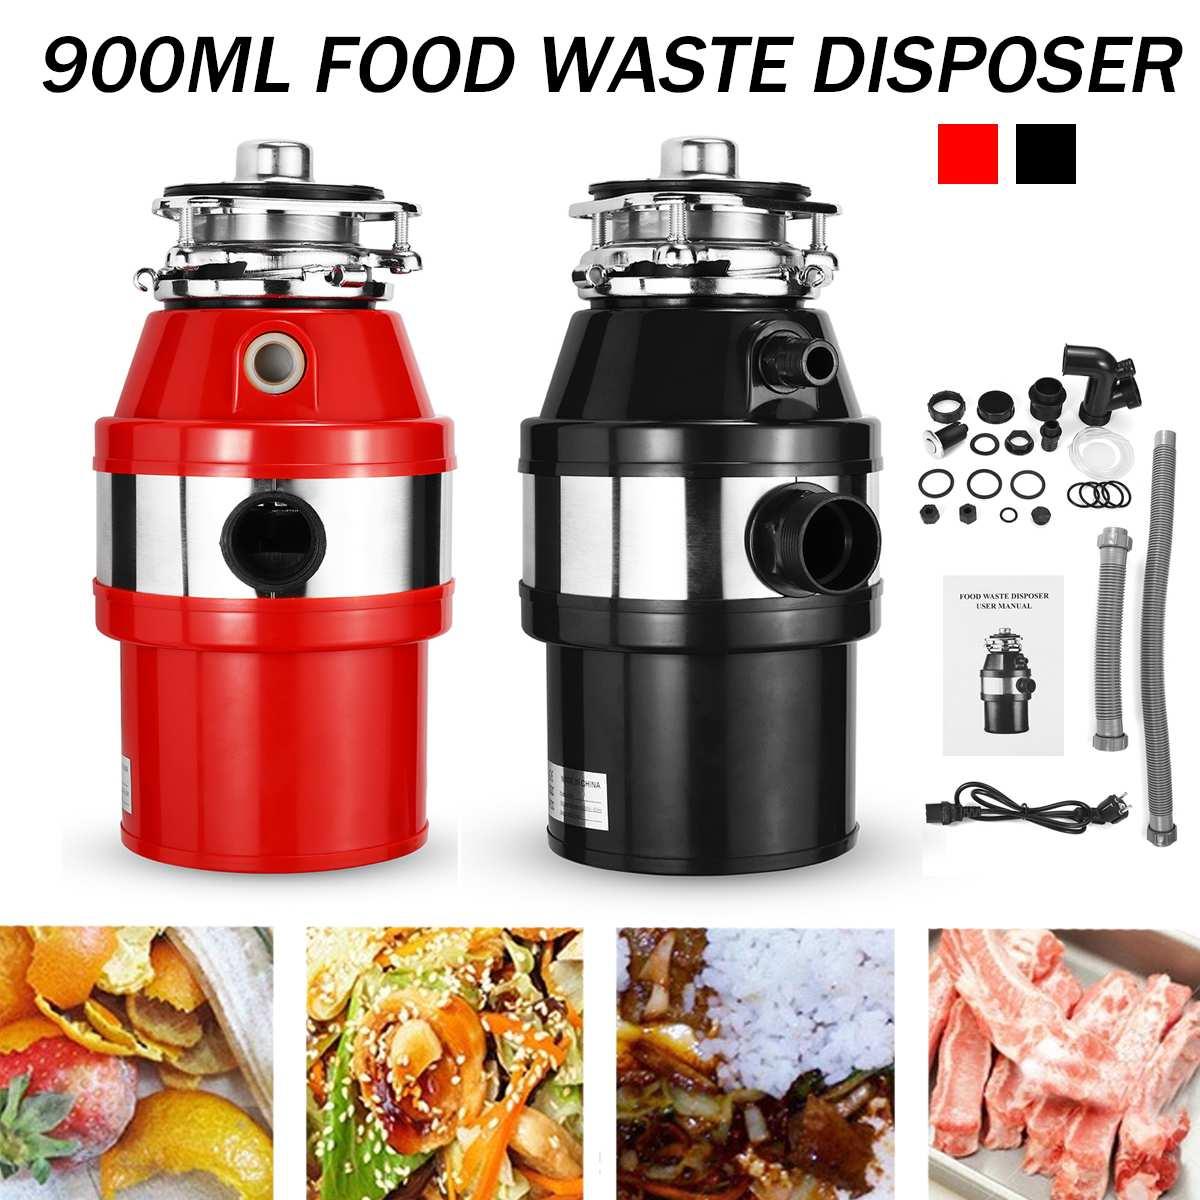 900 مللي المطبخ النفايات المتخلص 2600r/دقيقة الغذاء التخلص من النفايات المطبخ القمامة التخلص الغذاء كسارة مع الفولاذ الصلب طاحونة